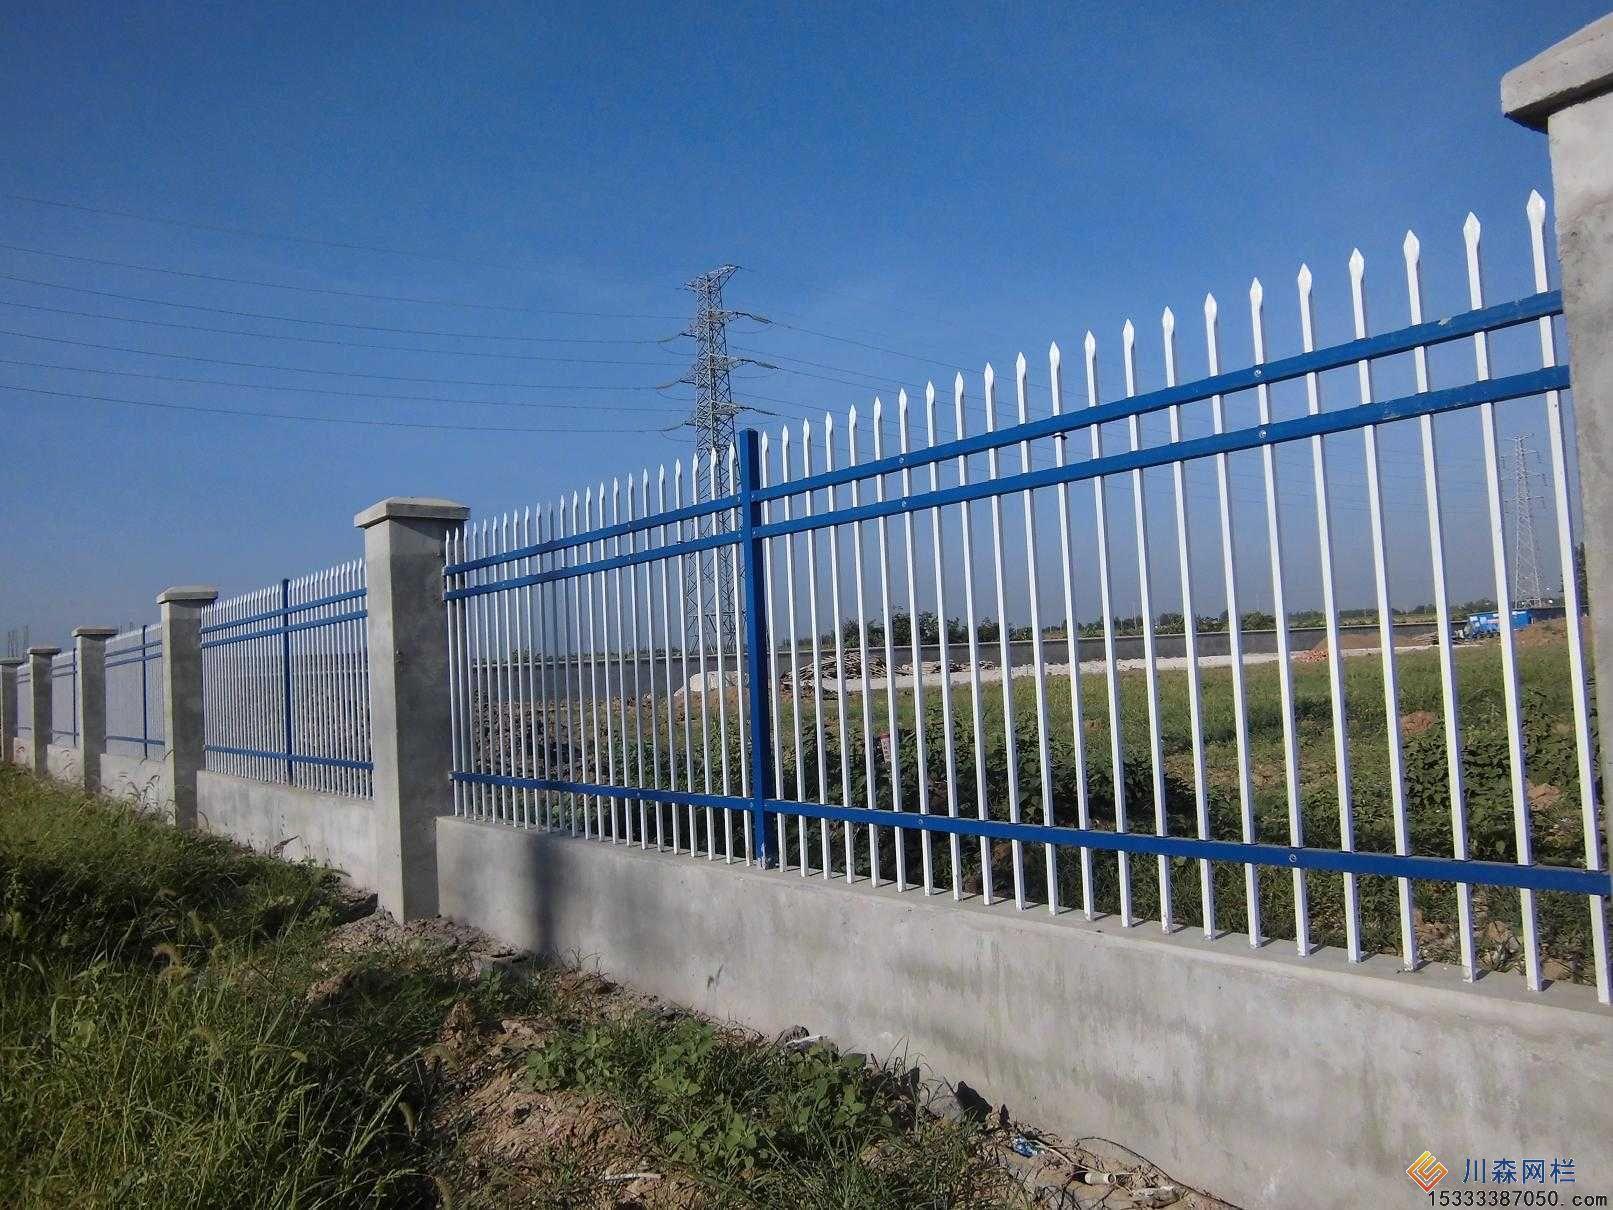 新钢护栏的价格       锌钢栅栏是一种组装十分灵活的产品,也被称为图片